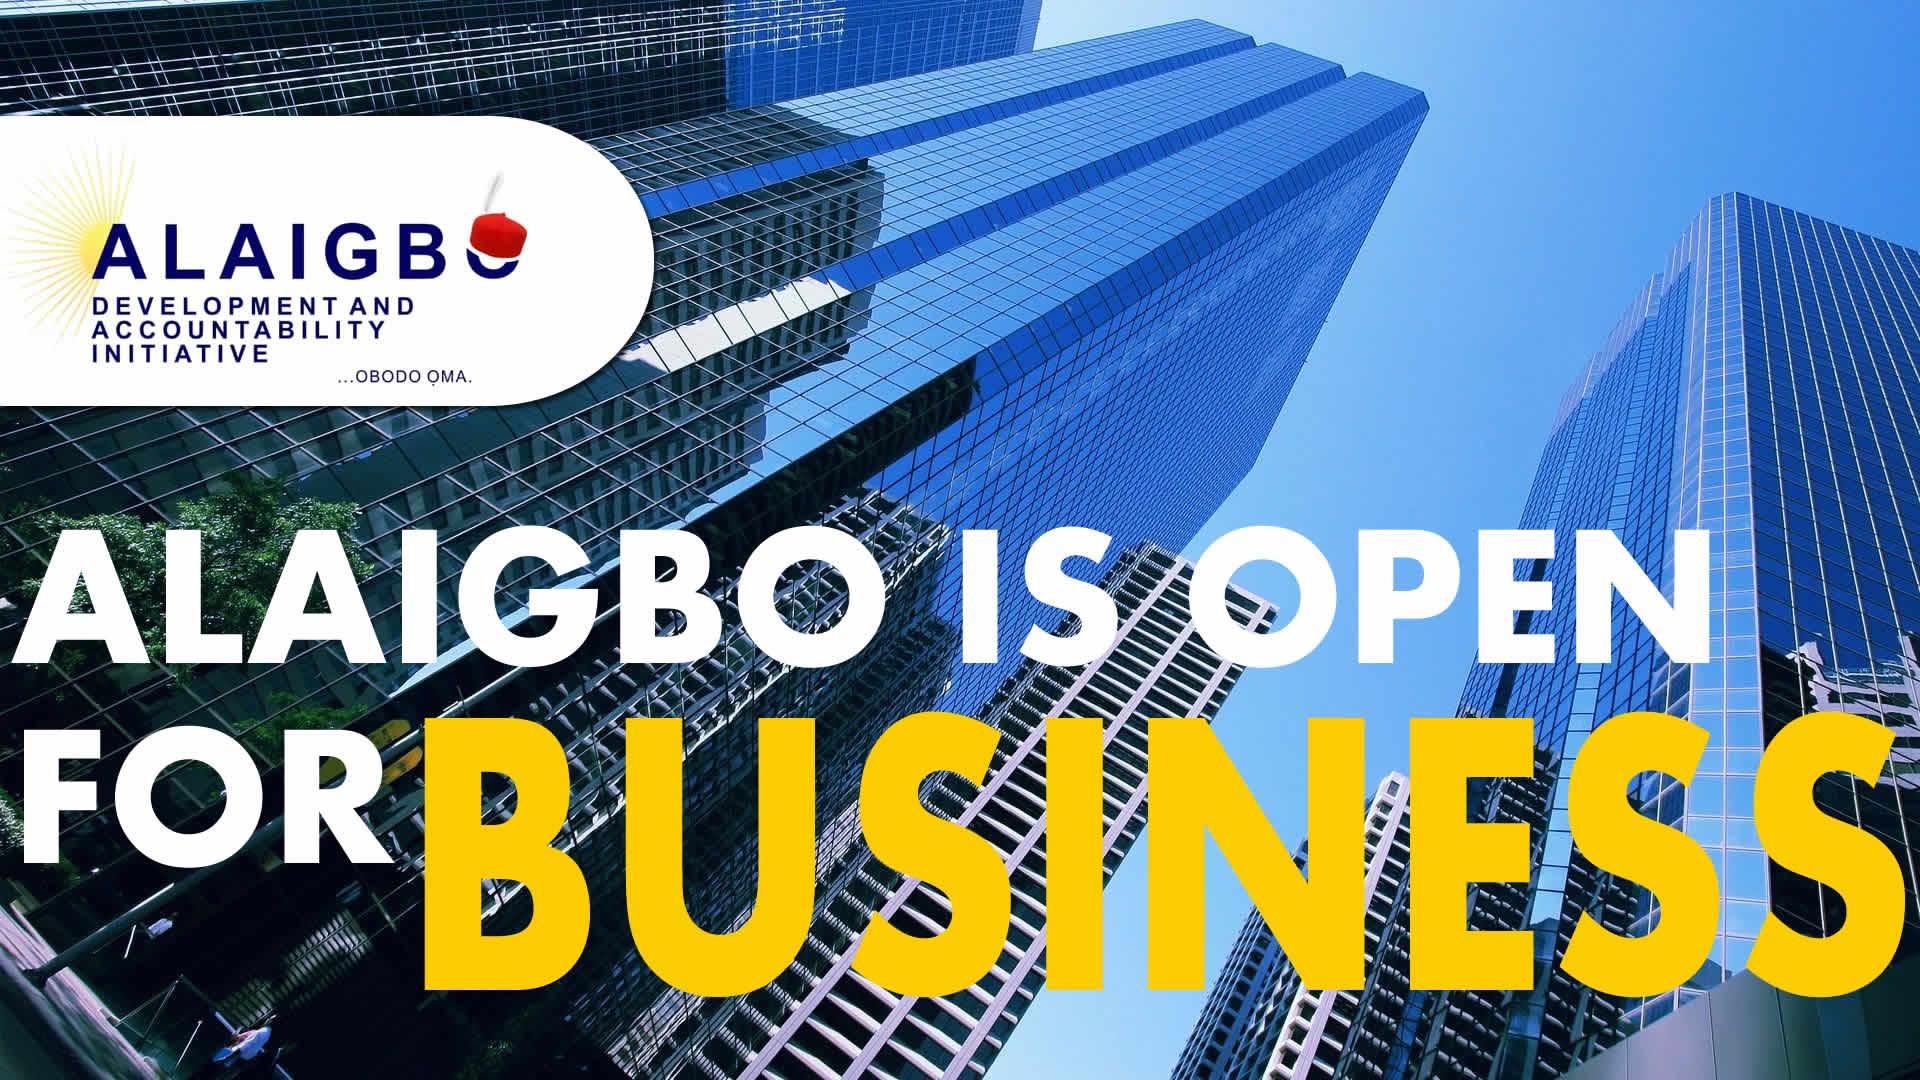 alaigbo business 1